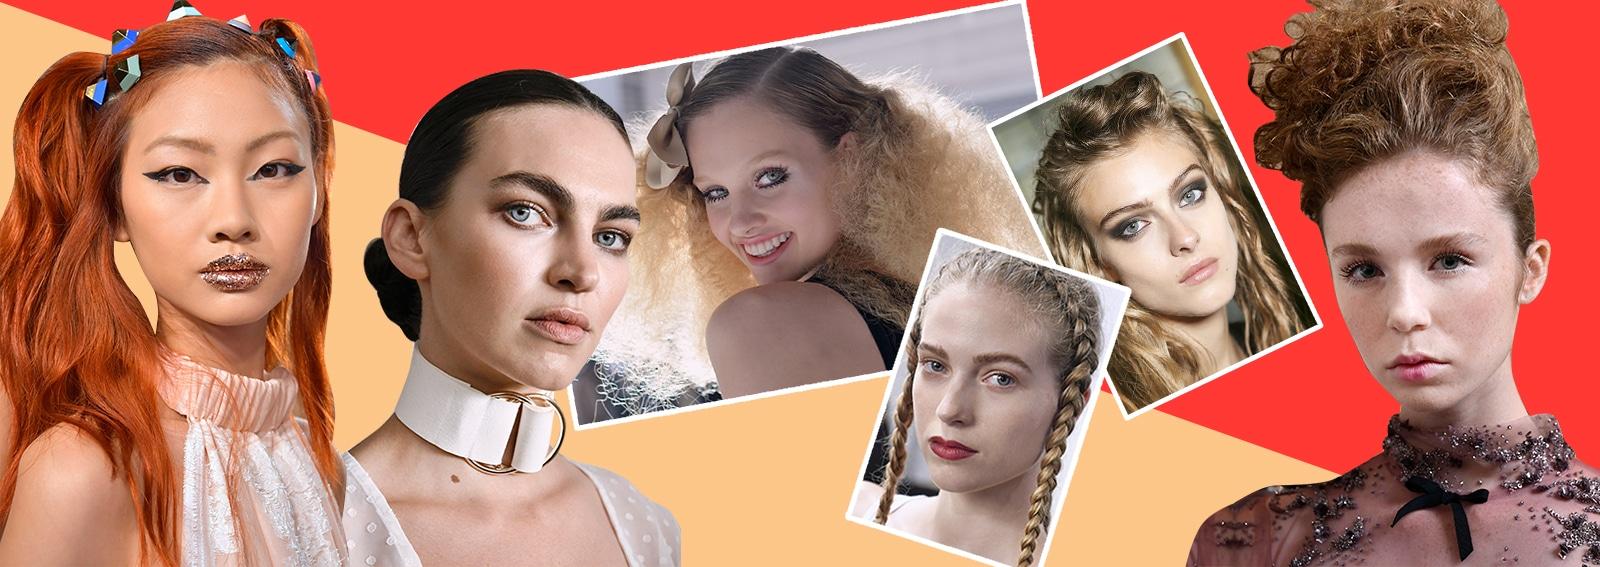 acconciature capelli raccolti primavera estate 2017 collage_desktop